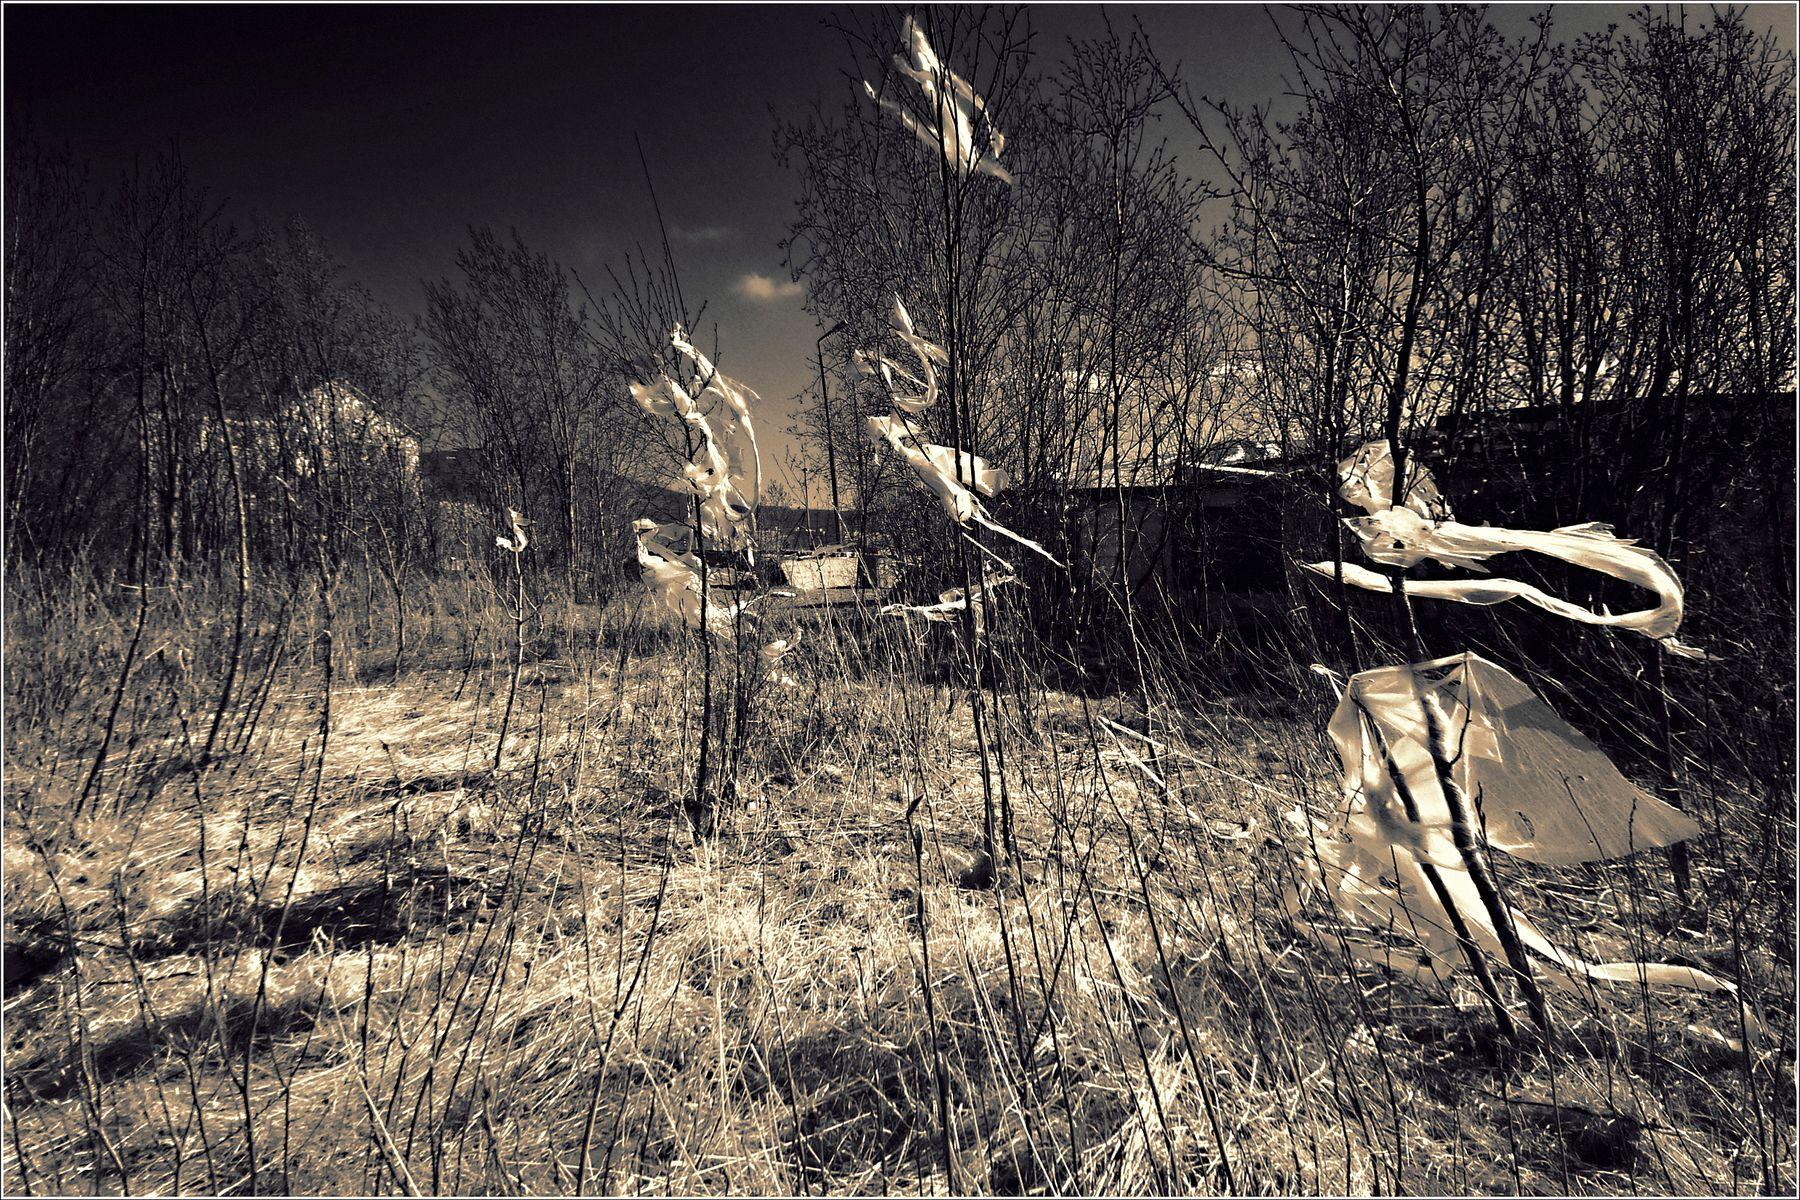 *Индикаторы майских воздушных потоков* фотография путешествие остальное Заполярье весна природа Фото.Сайт Светлана Мамакина Lihgra Adventure